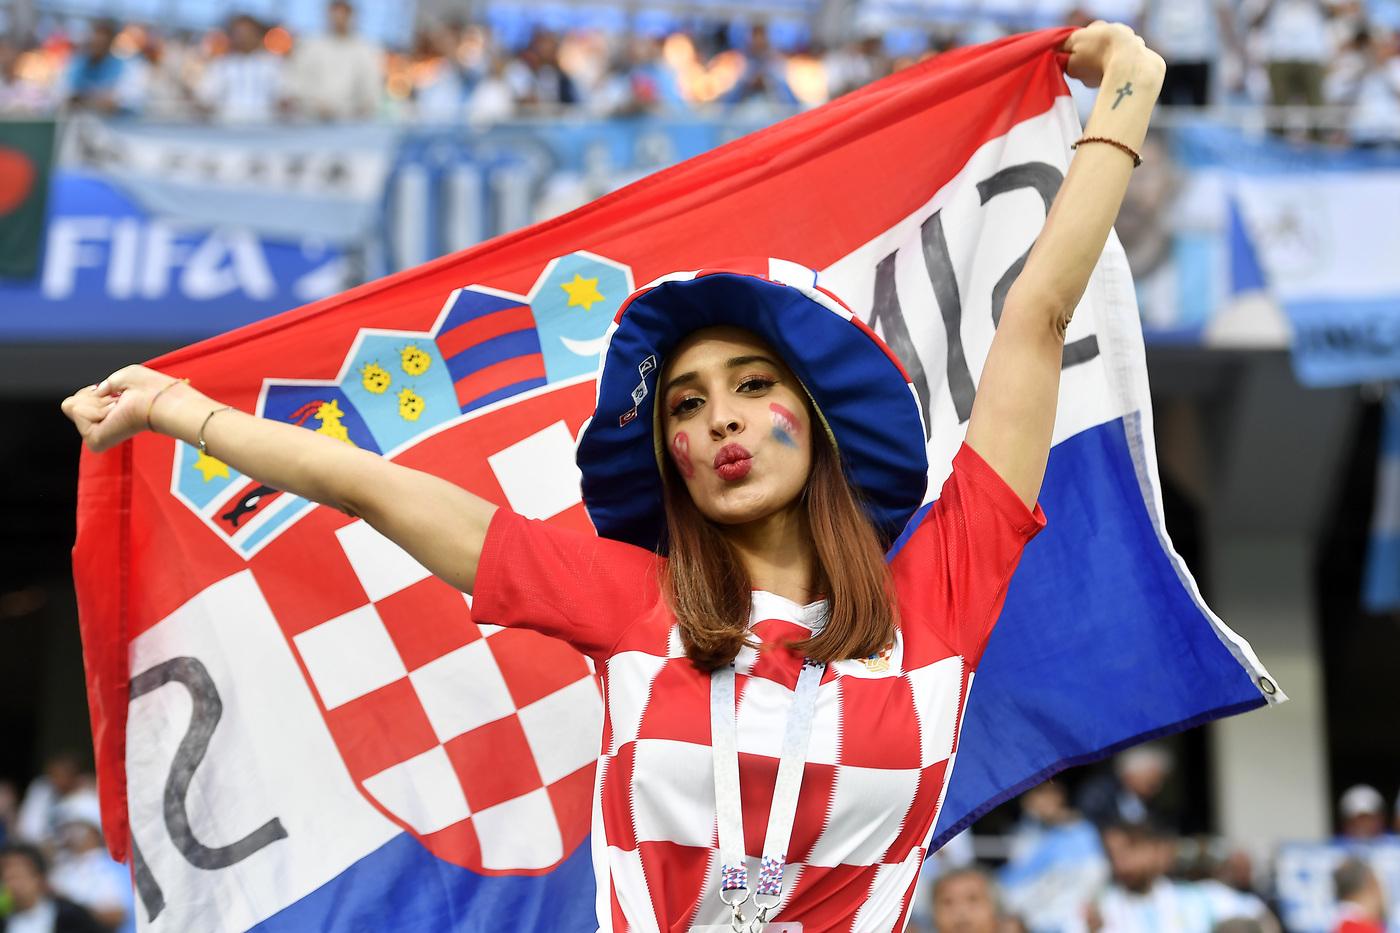 San Marino-Croazia 15 ottobre: match dell'ultima giornata del gruppo 1 di qualificazione all'Europeo di categoria. I croati devono vincere.